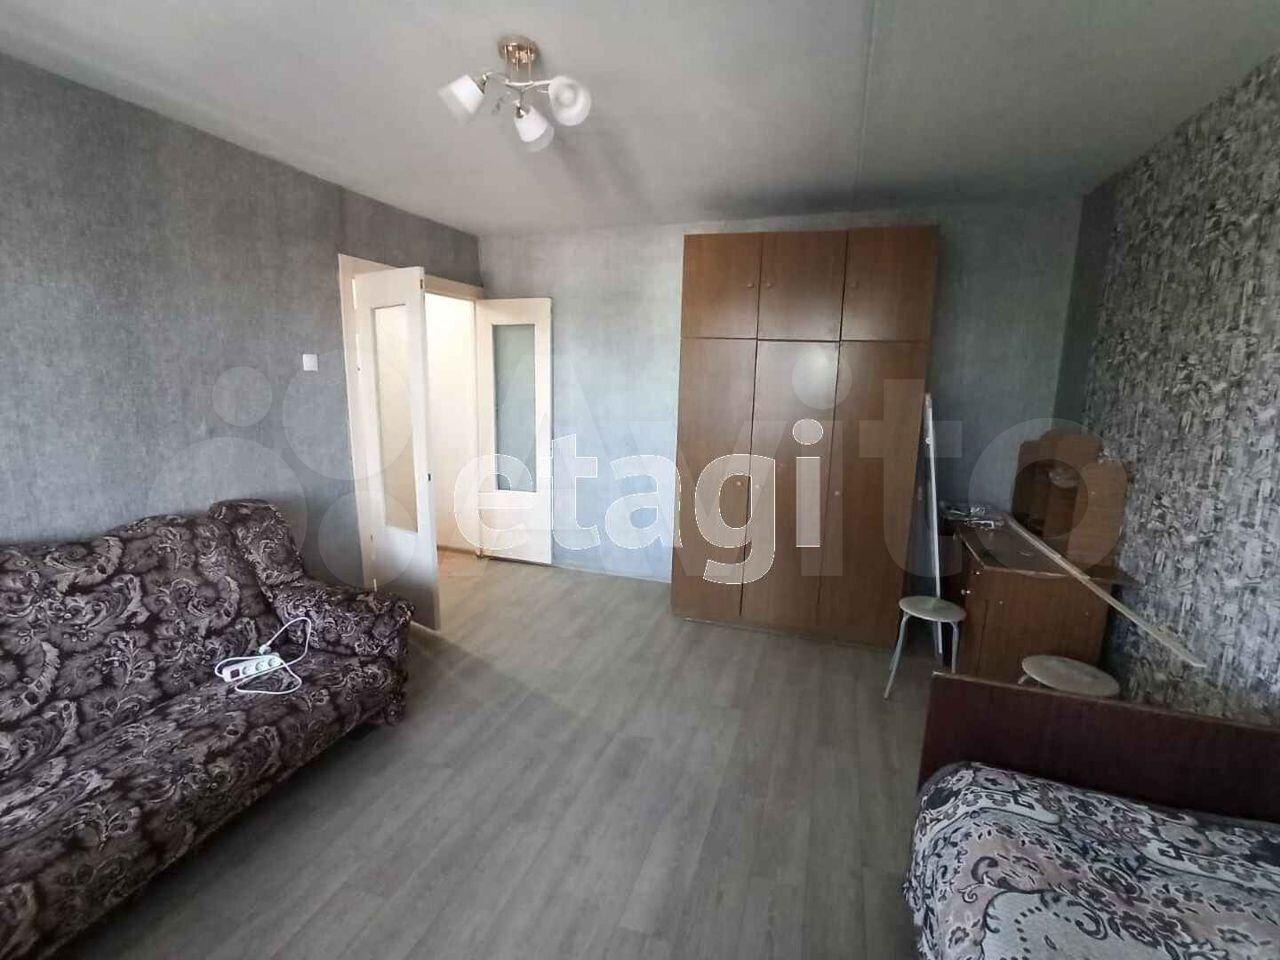 2-к квартира, 47.7 м², 3/9 эт.  89610020640 купить 2